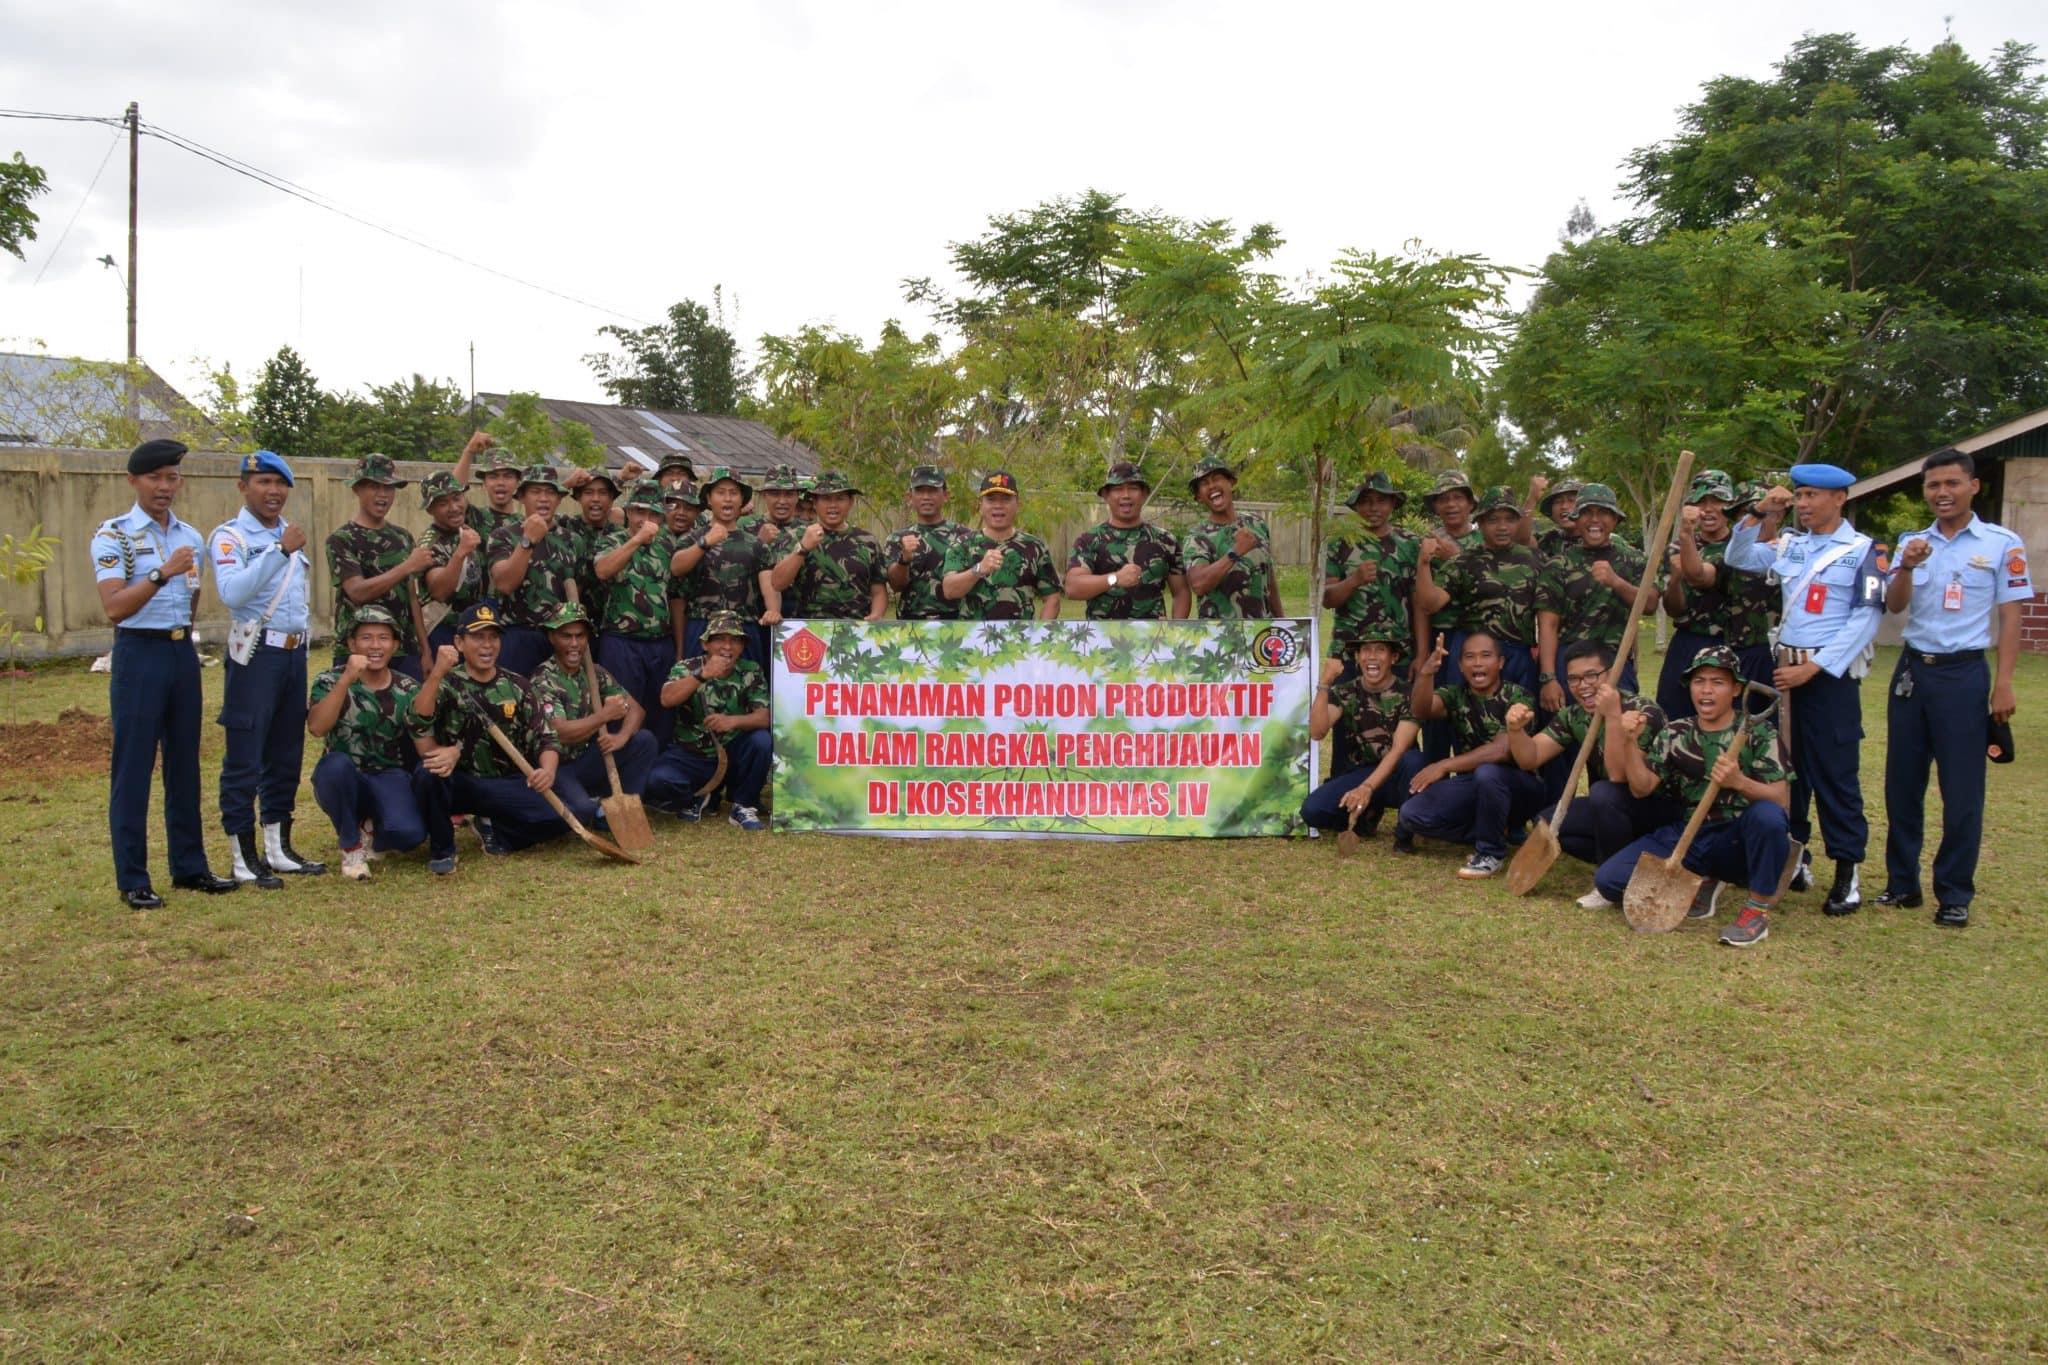 Penanaman Pohon Produktif untuk Penghijauan di Kosekhanudnas IV